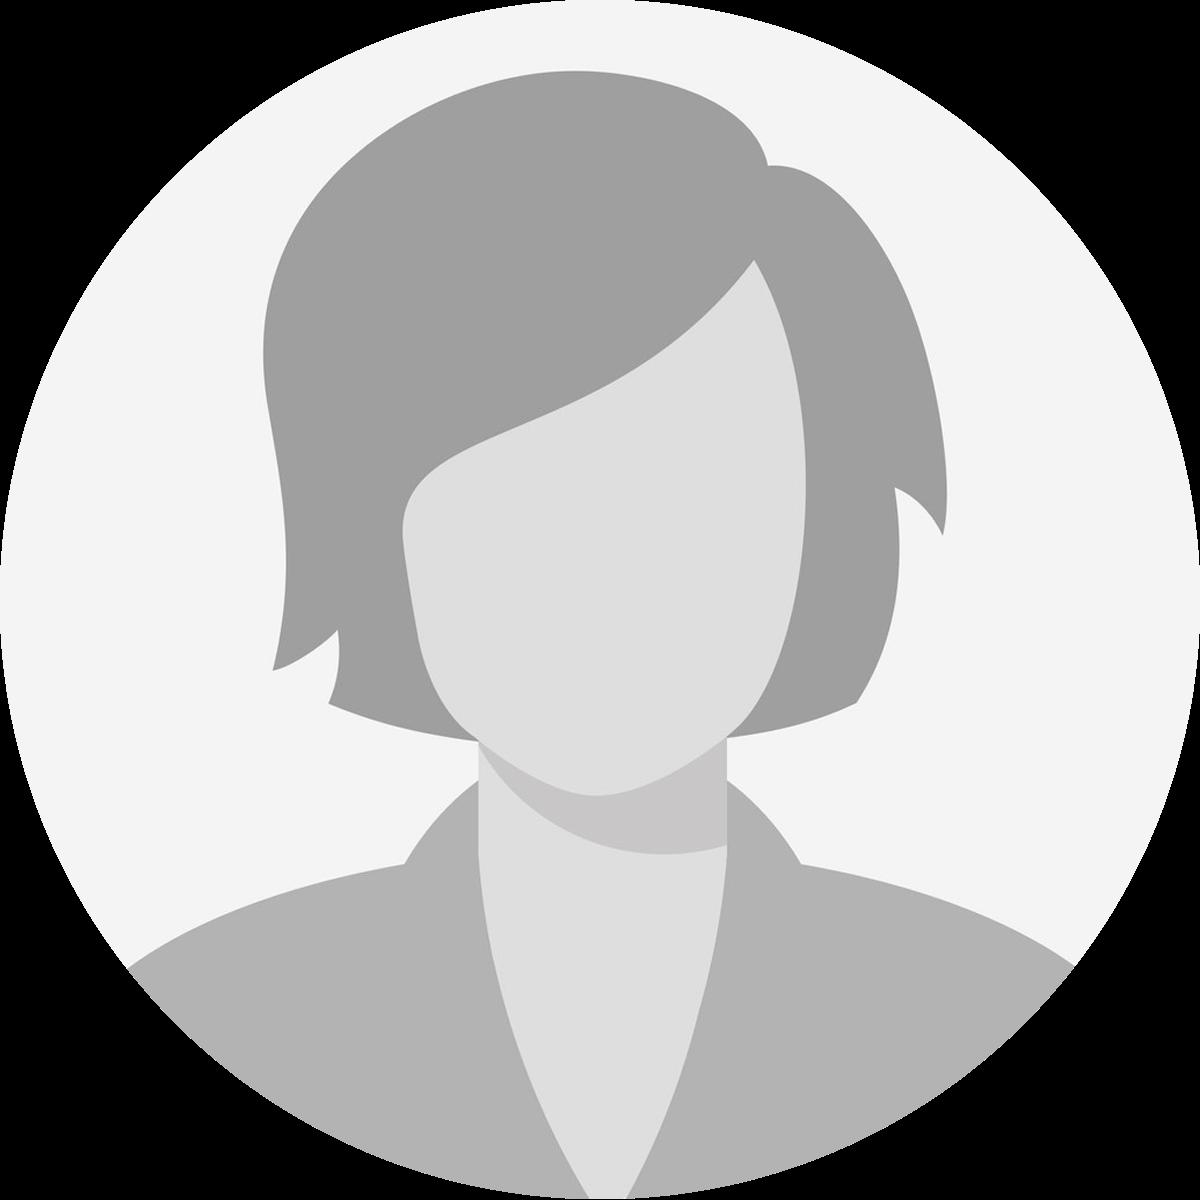 profile-default-w